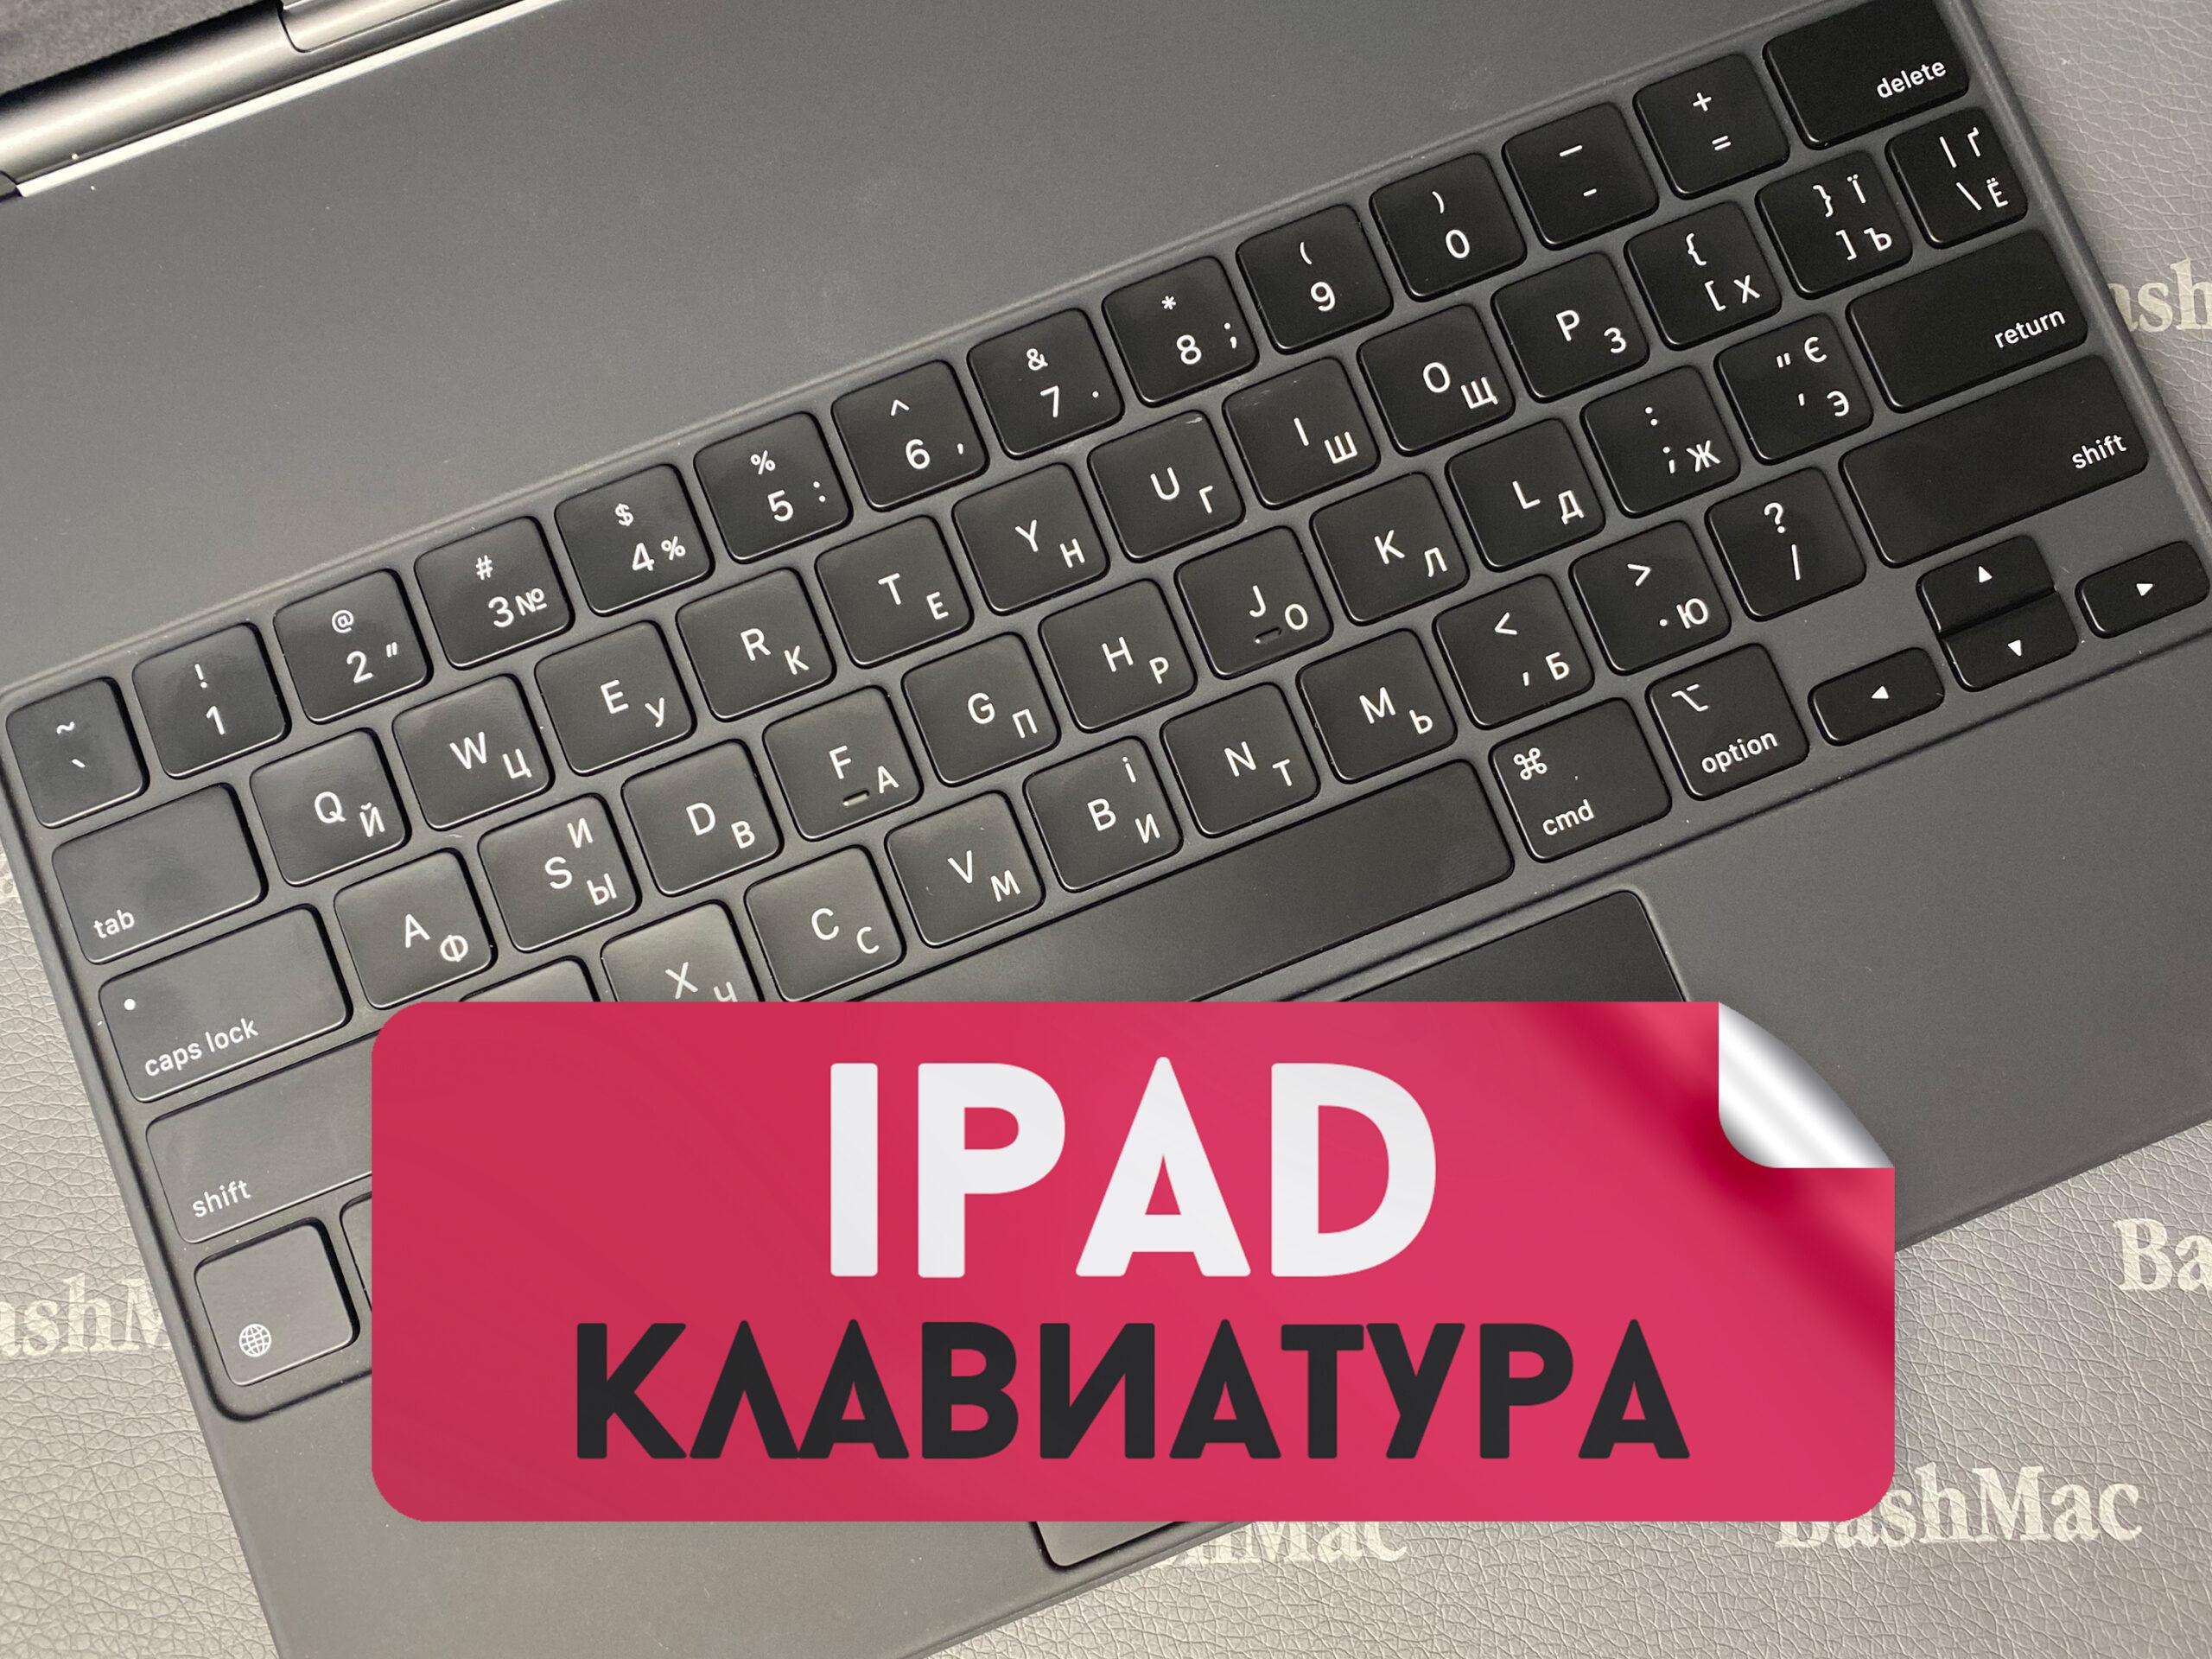 Гравировка на клавиатуре от iPad